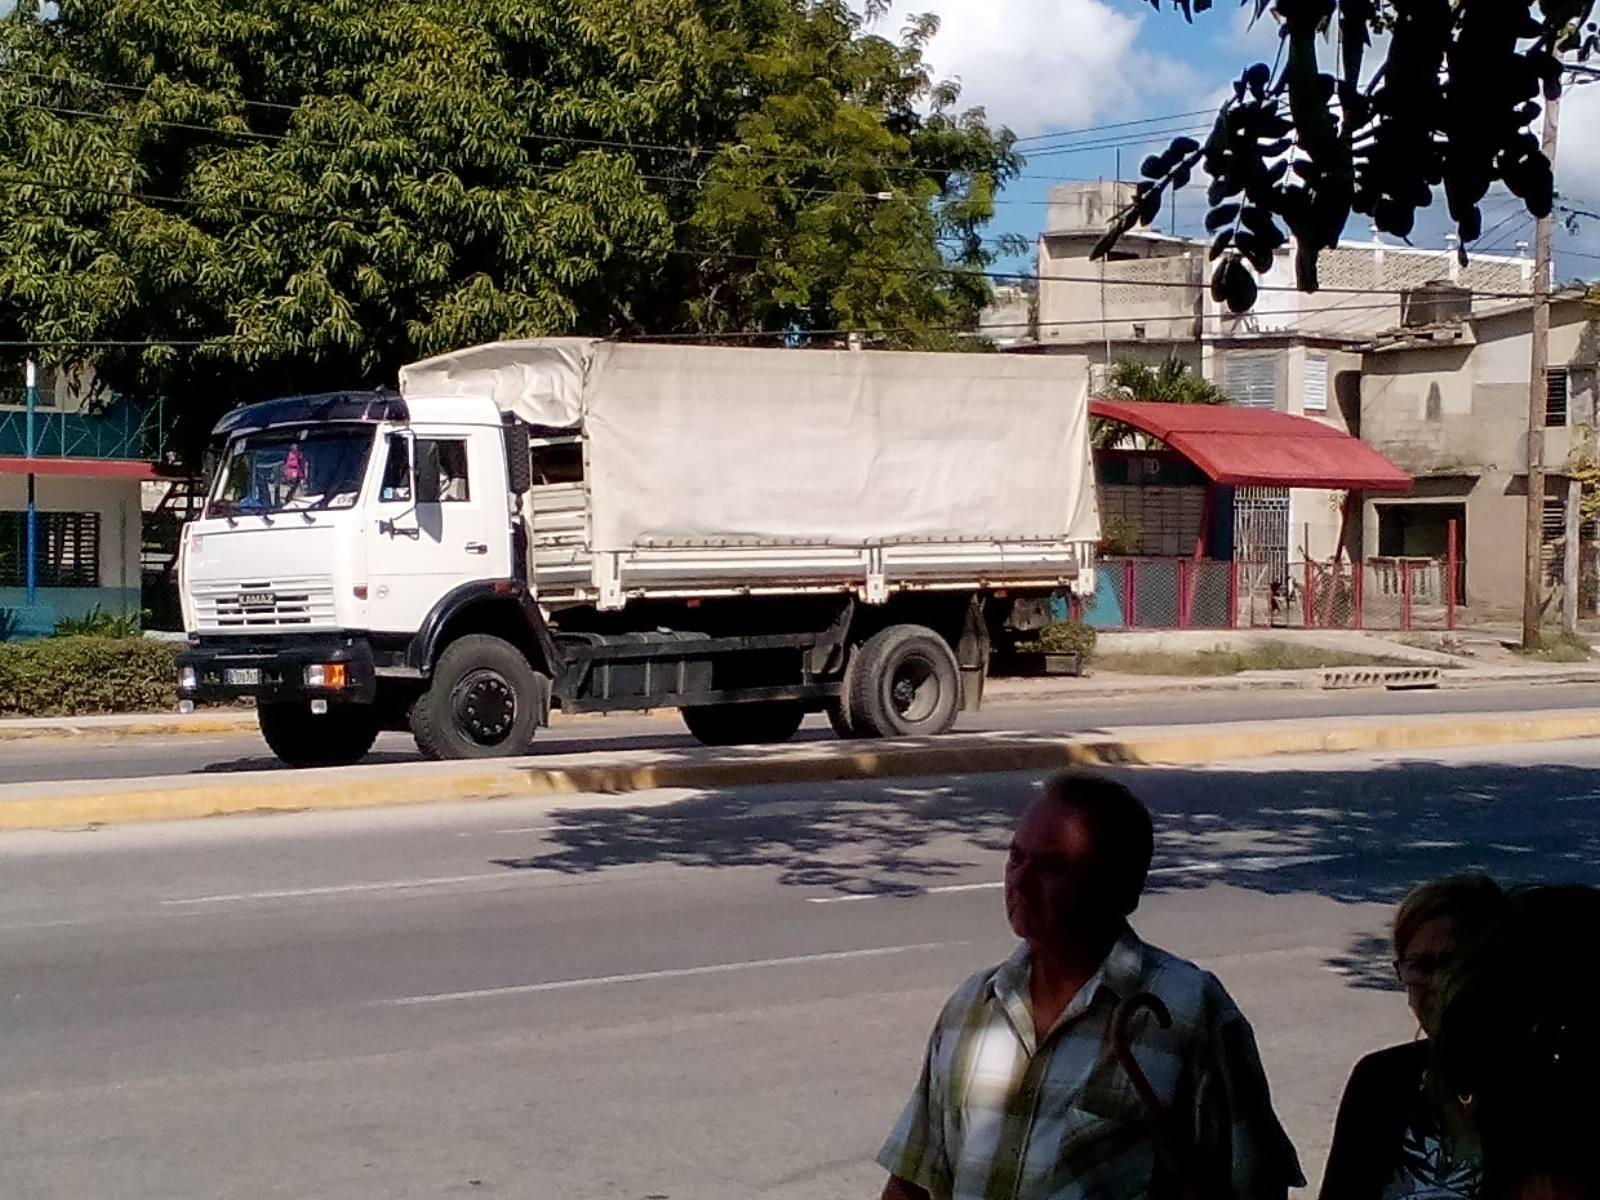 Truck-brand-kamaz-geimporteerd-eind-2017--start-van-2018--deze-aangekomen-nieuw